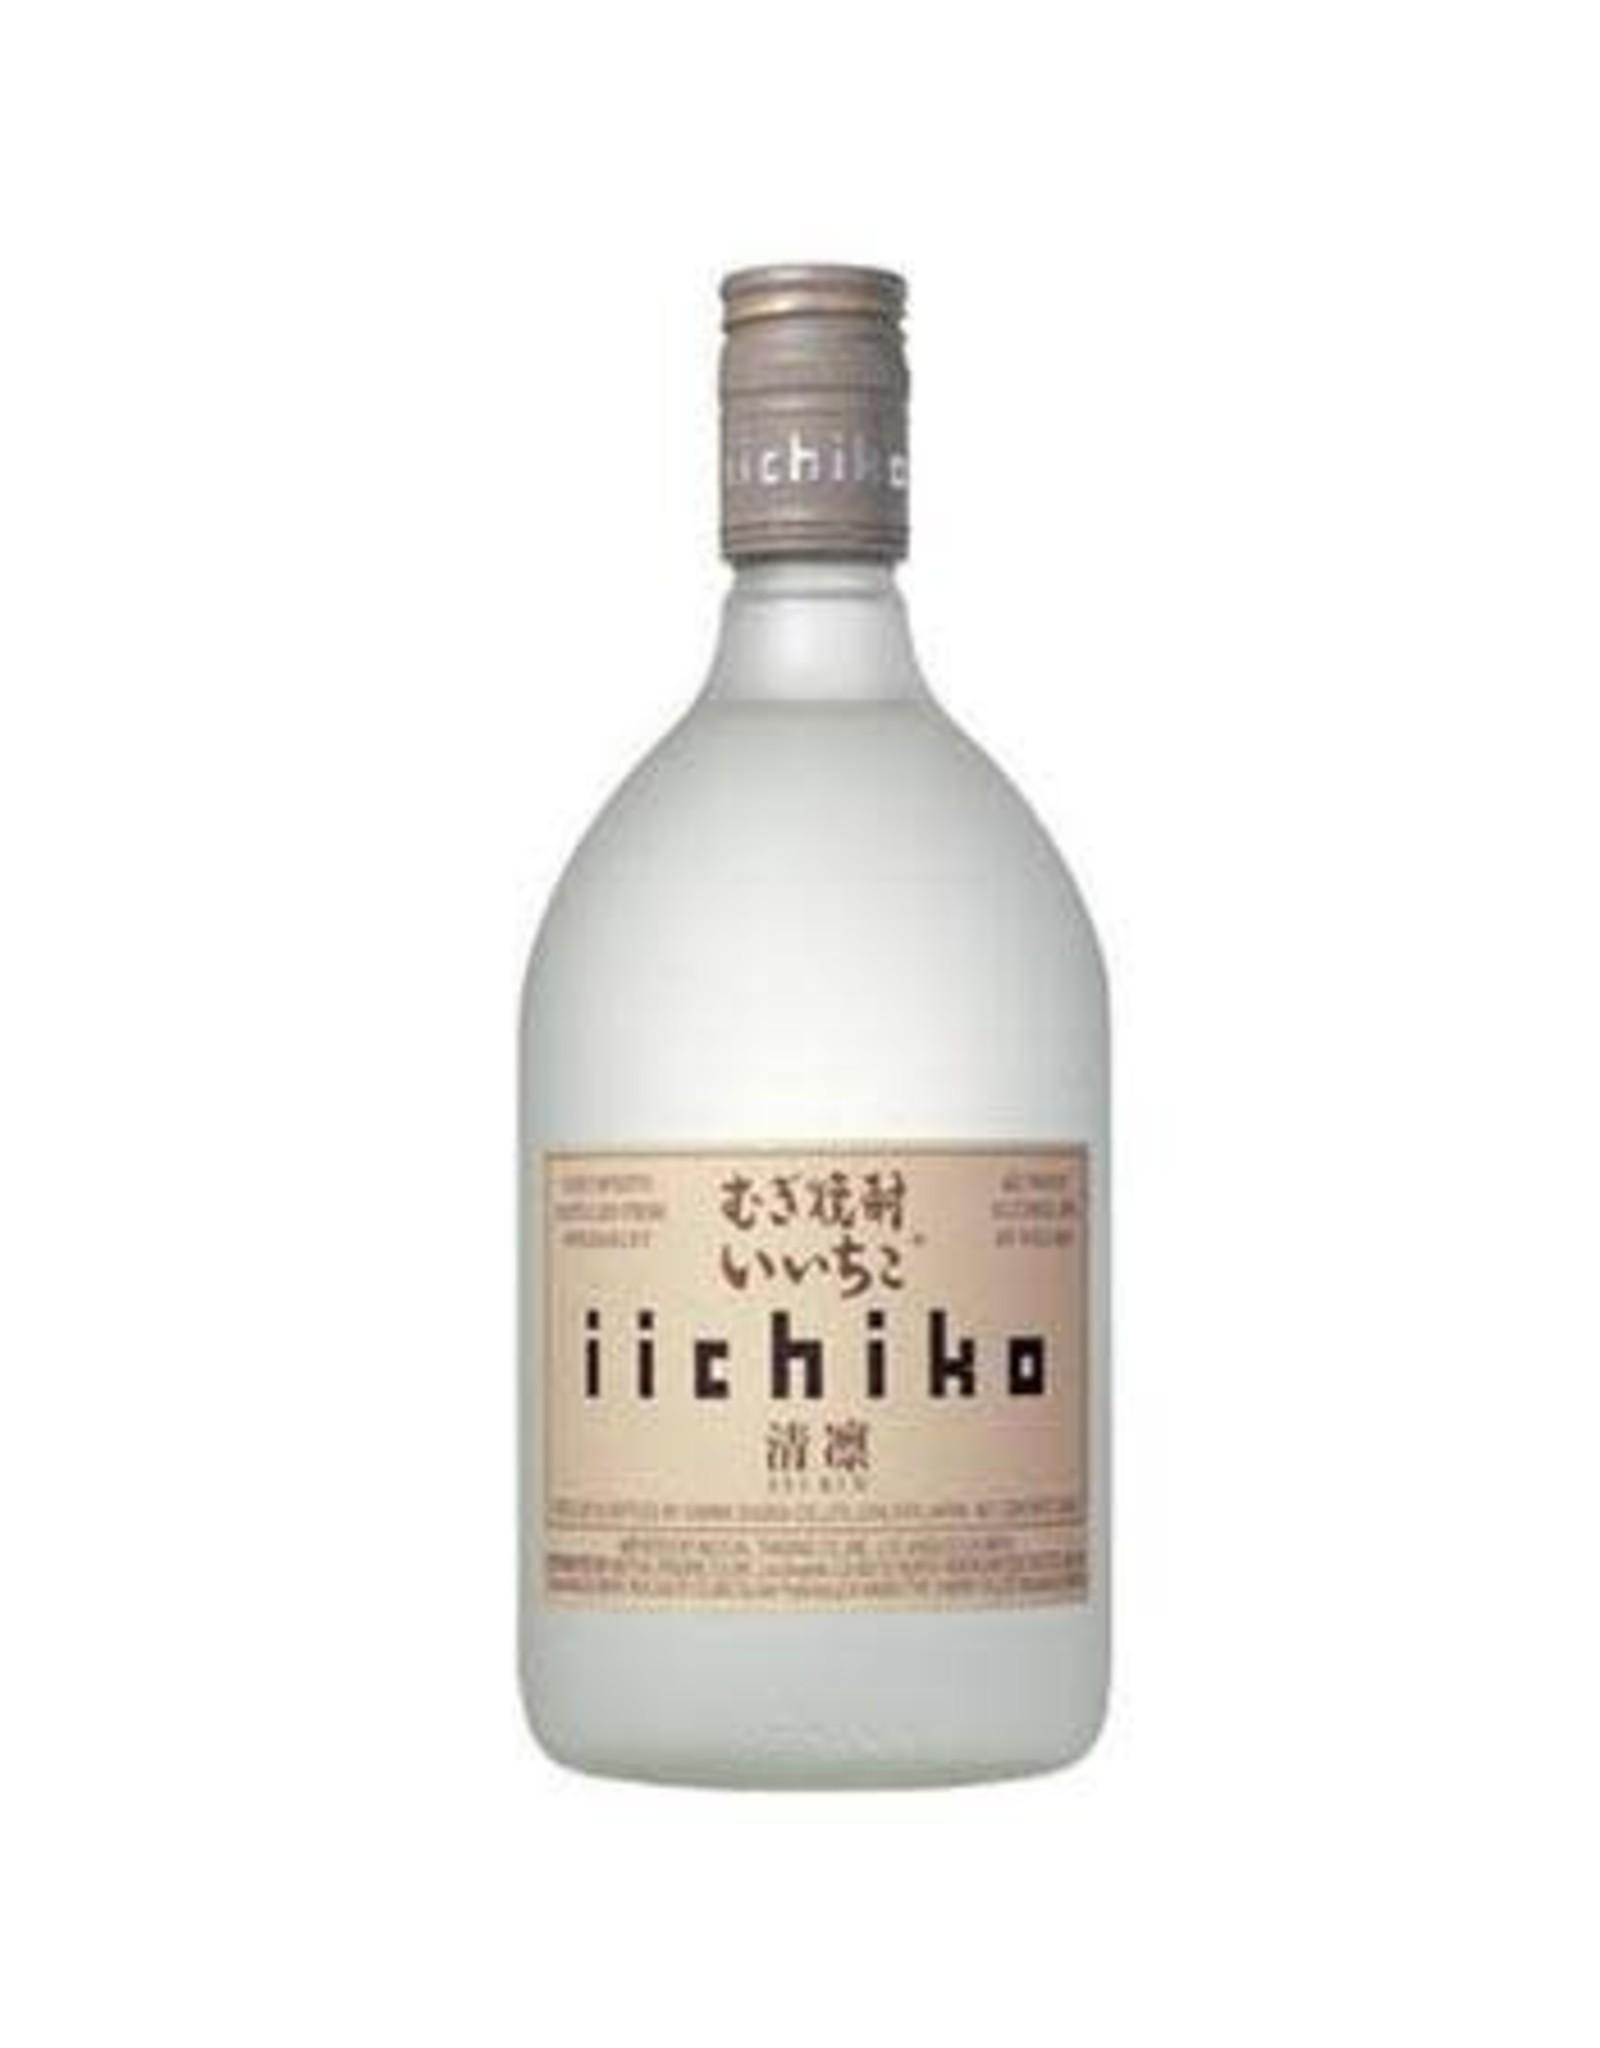 IICHIKO 750ML - SHOCHU